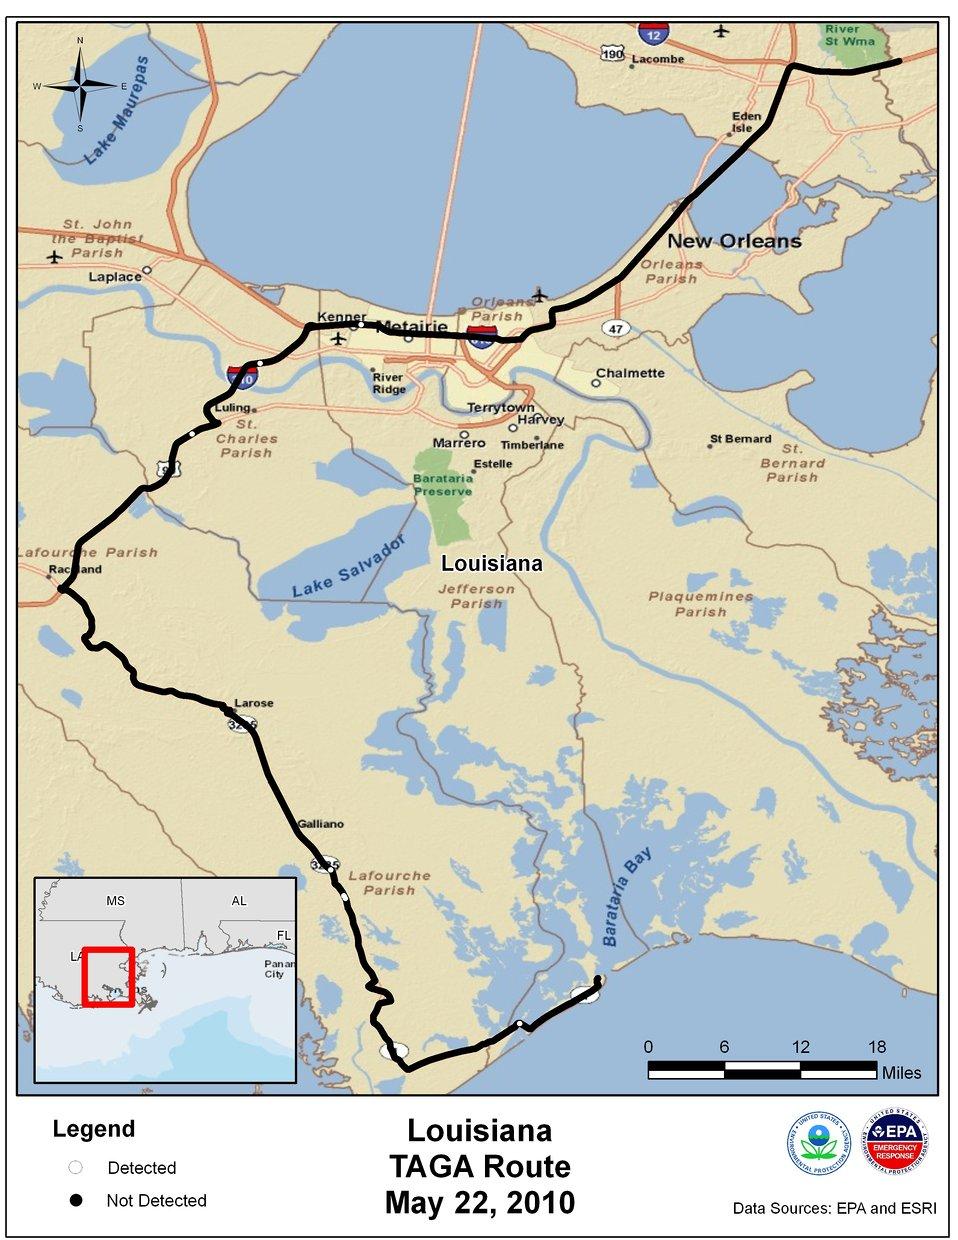 EPA TAGA Air Monitoring Locations May 22, 2010